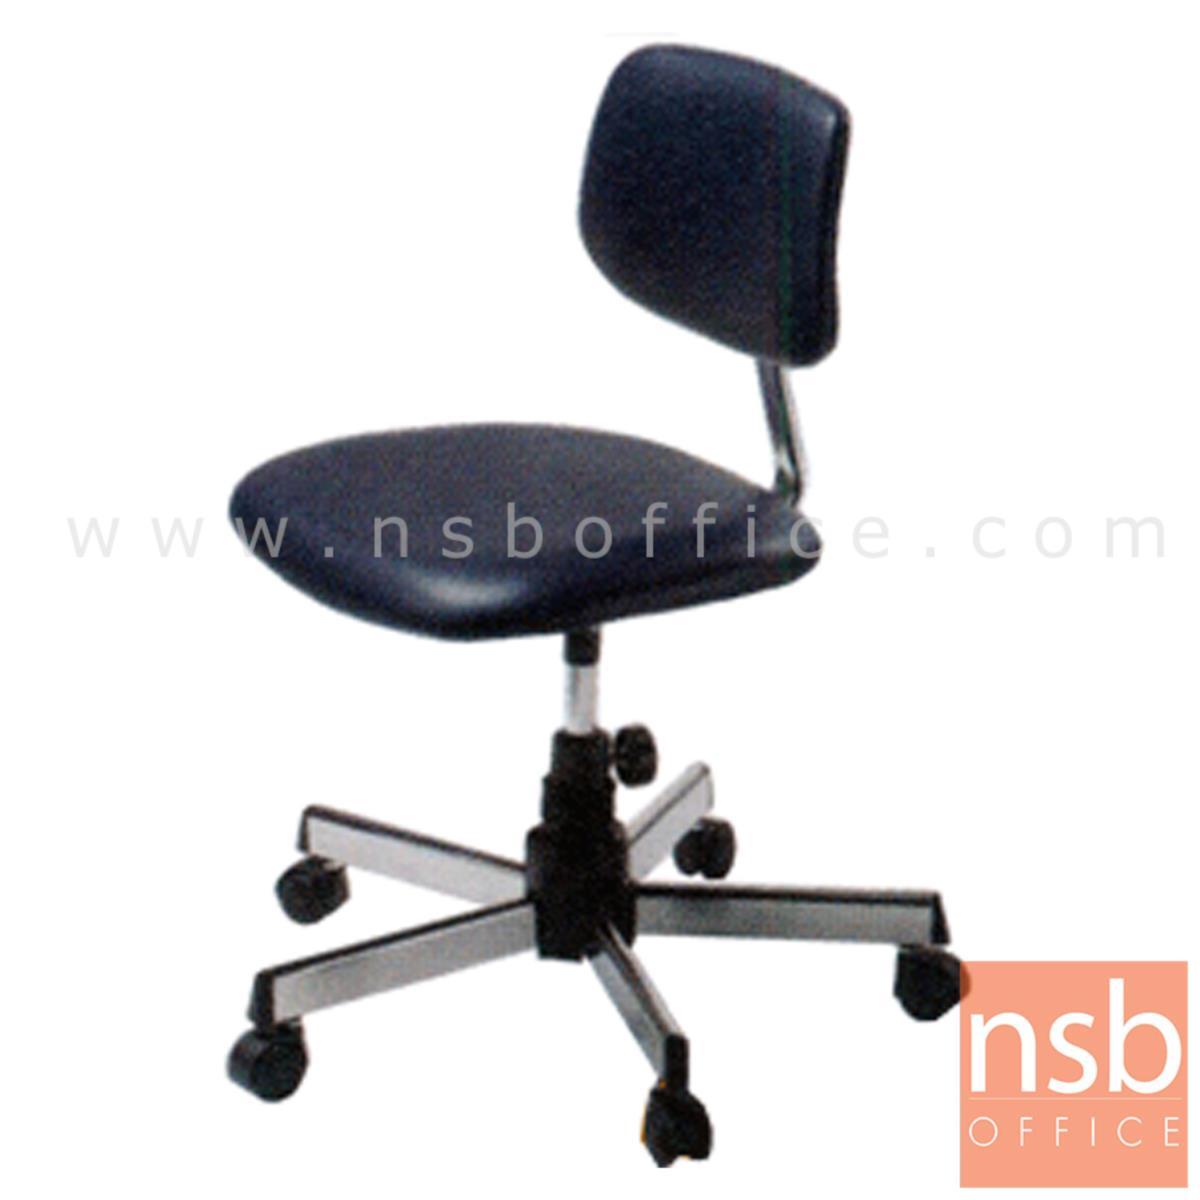 E28A086:เก้าอี้บาร์สตูลที่นั่งเหลี่ยมล้อเลื่อน ยี่ห้อลัคกี้ รุ่น CH-300  ขาเหล็ก